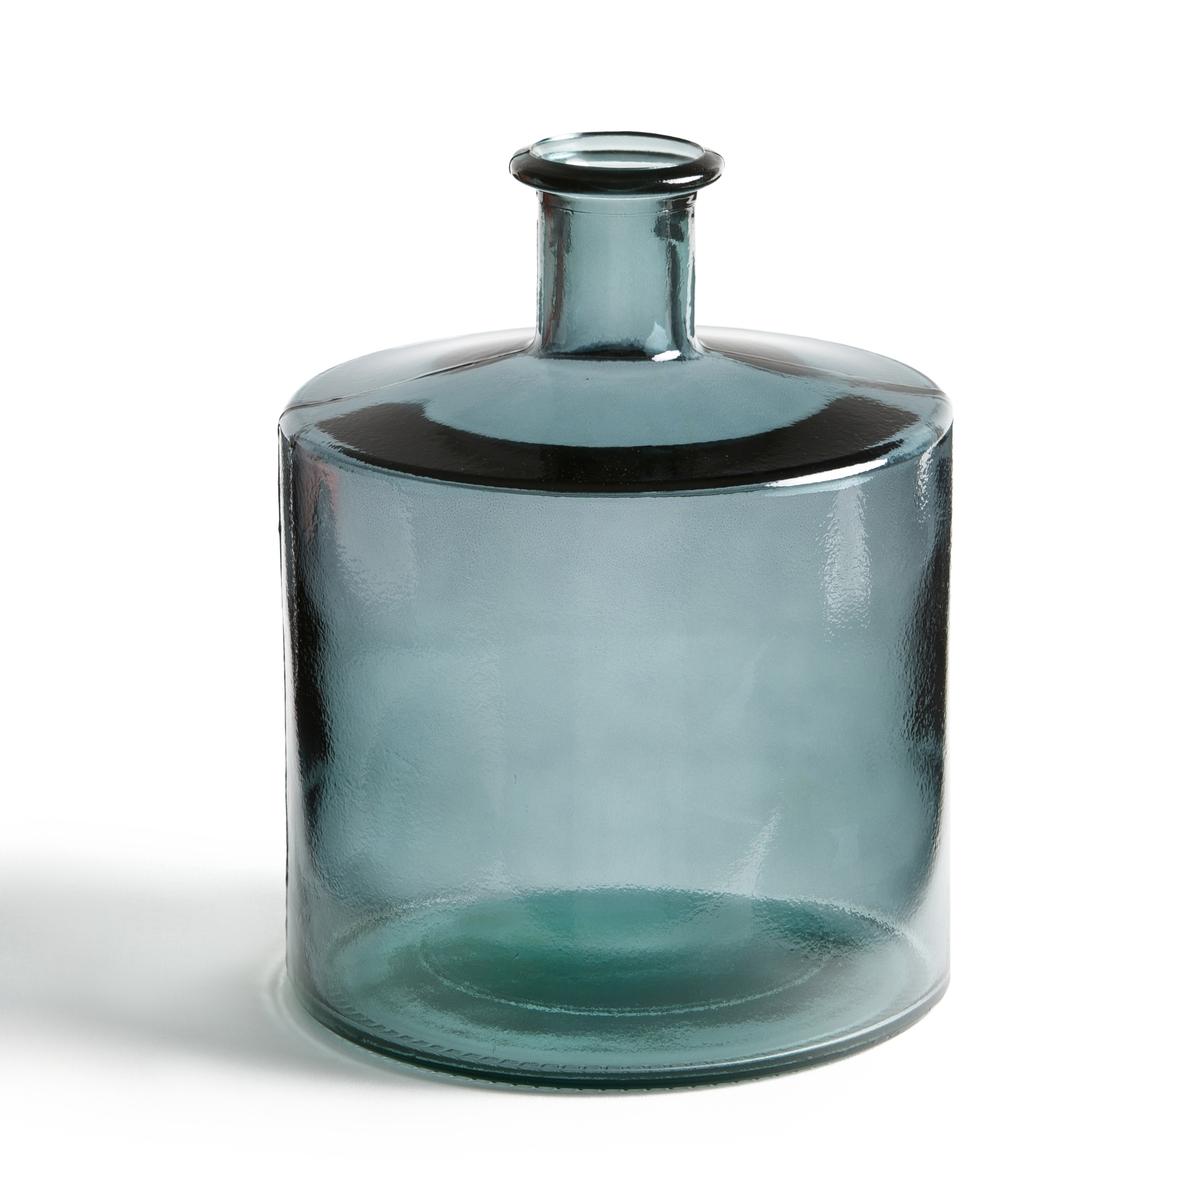 Ваза из оплетенной бутыли IZOLIAОписание:Оплетеная бутыль-ваза из вторично переработанного стекла, проявляющая чвою прозрачность в чистом свете .Описание бутыли-вазы :Из вторично переработанного стекла Размеры бутыли-вазы :Высота 26 смДиаметр 22 см<br><br>Цвет: красный,серый